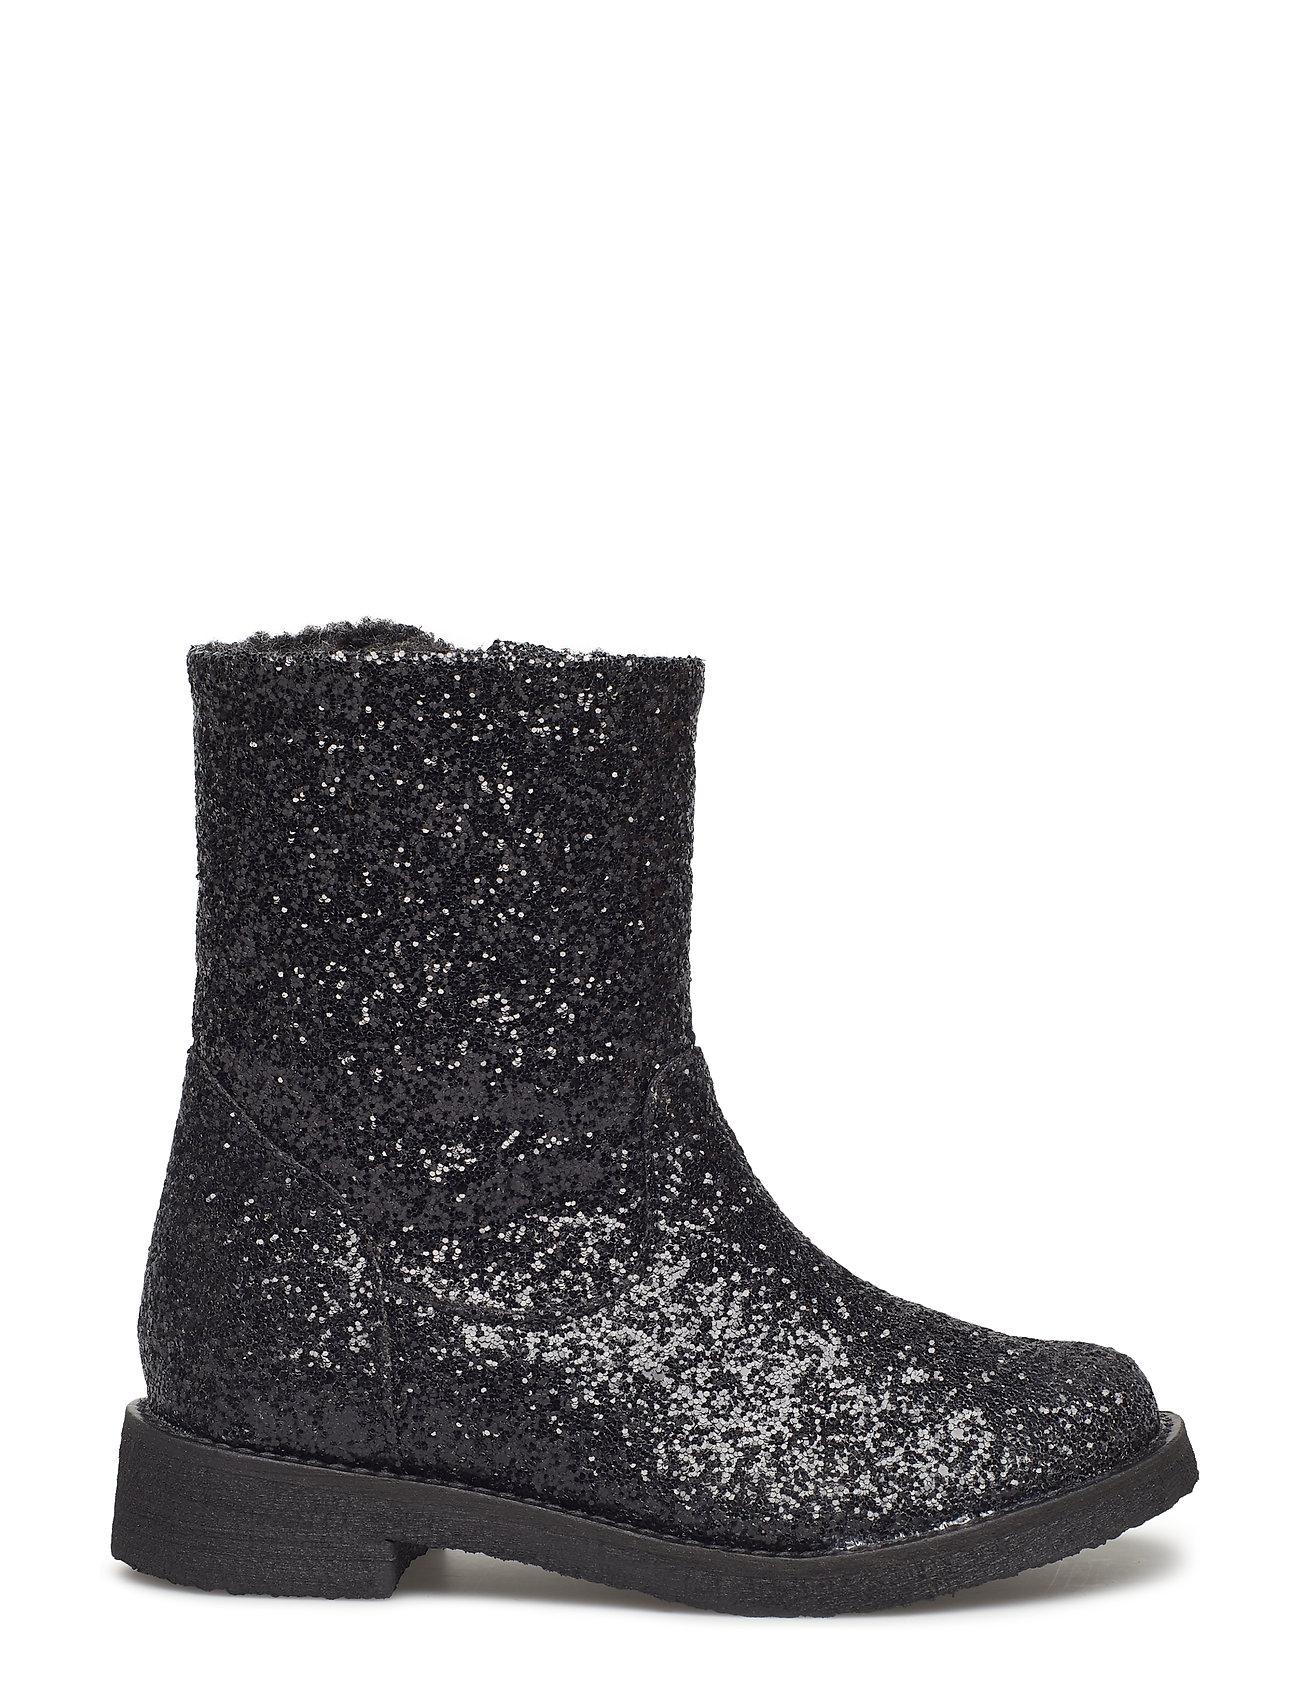 6eec0a9d1f1 Glitter Boot støvler fra Petit by Sofie Schnoor til børn i Sort ...